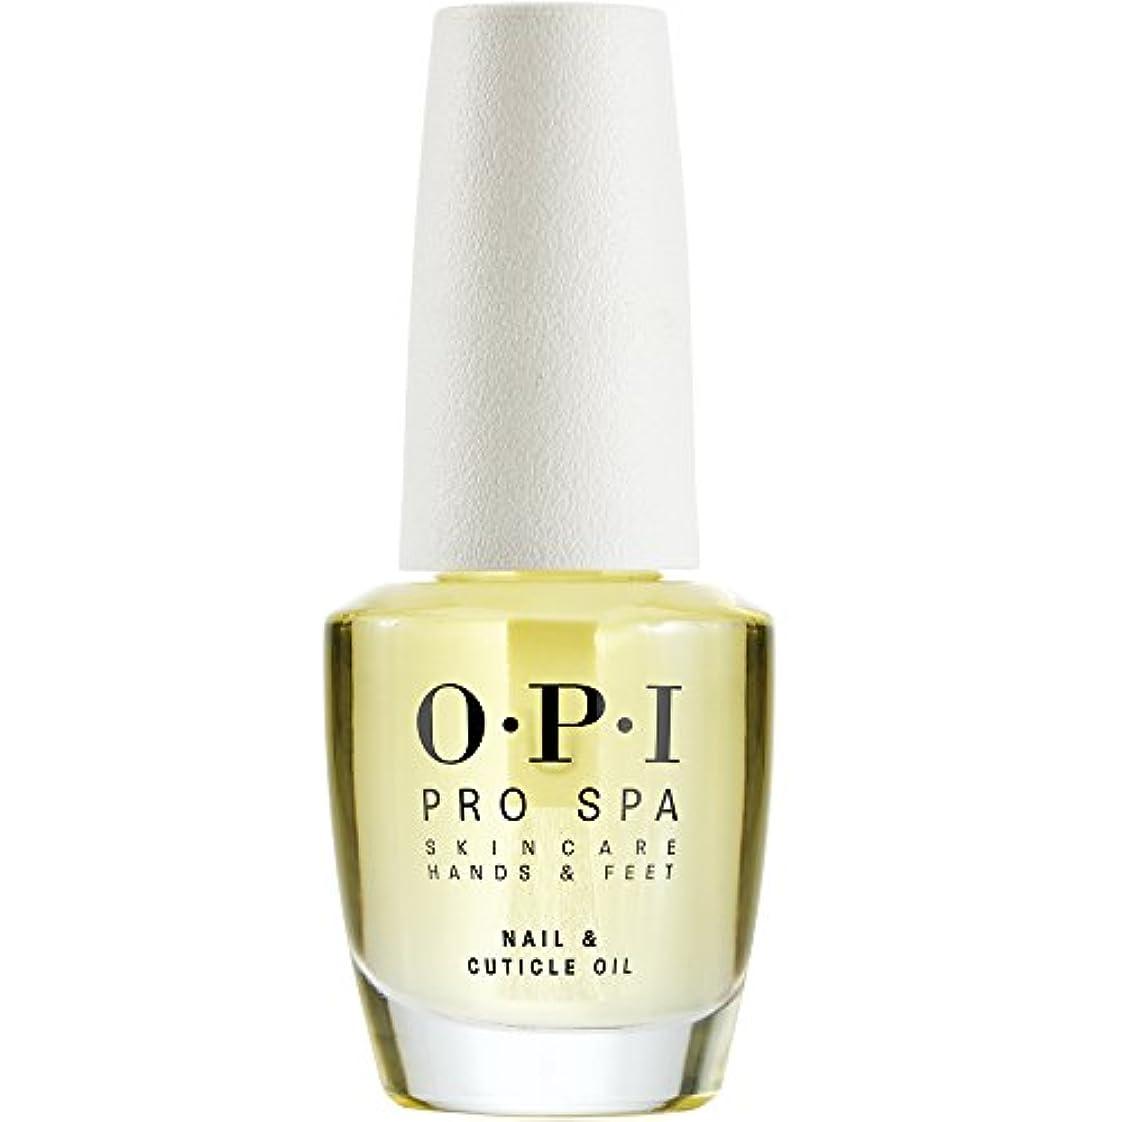 OPI(オーピーアイ) プロスパ ネイル&キューティクルオイル 14.8ml